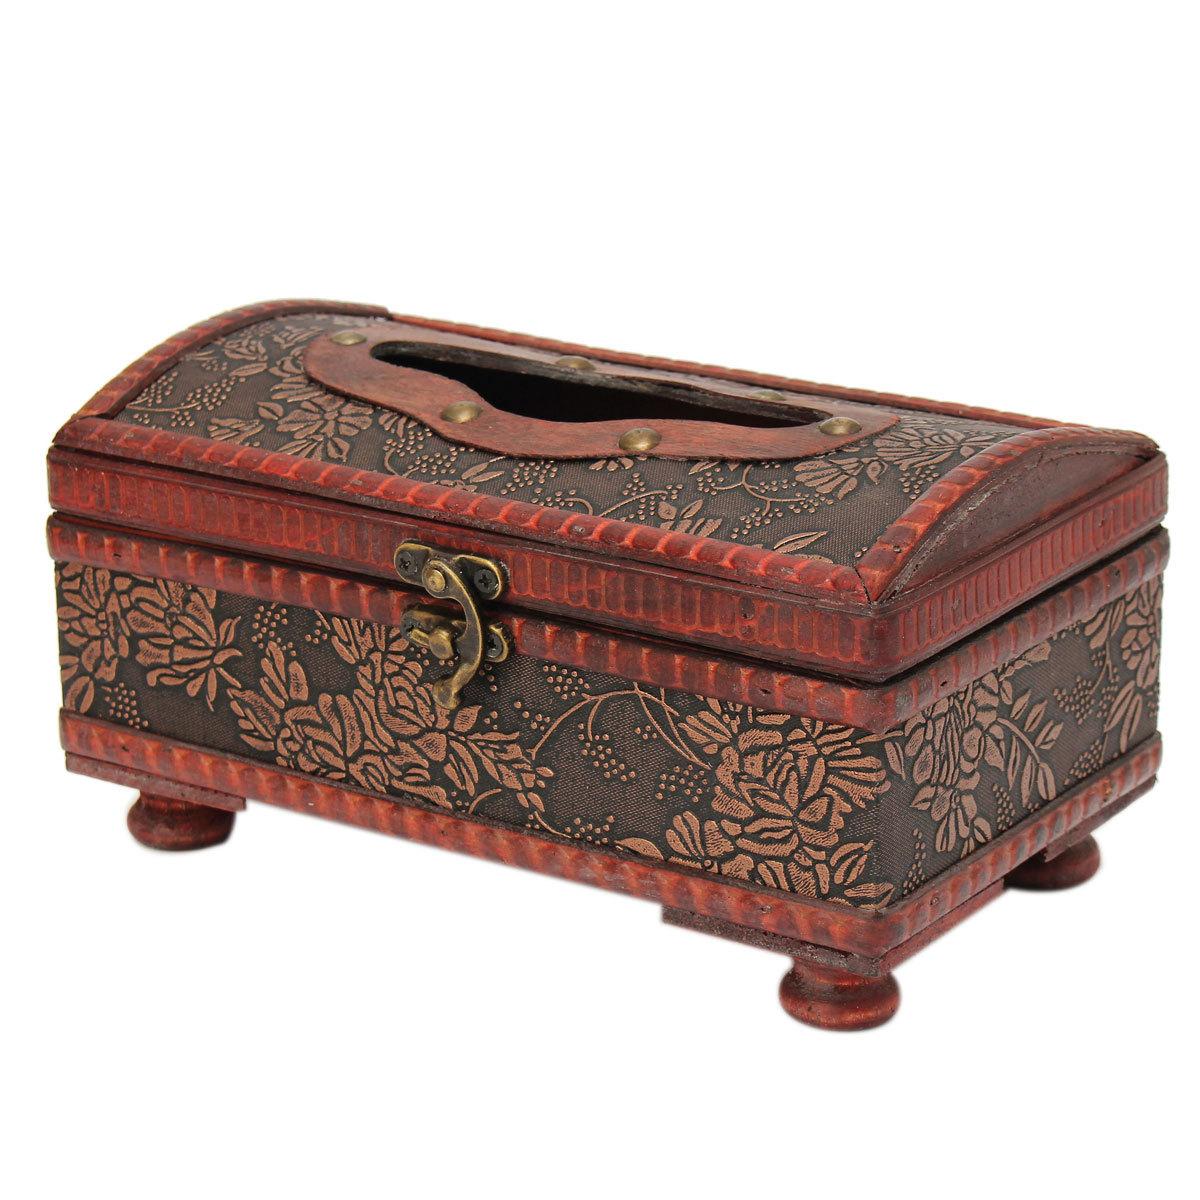 Bo te mouchoirs papier tissu rectangle pu cuir cover holder maison bureau d co - Deco bureau maison ...